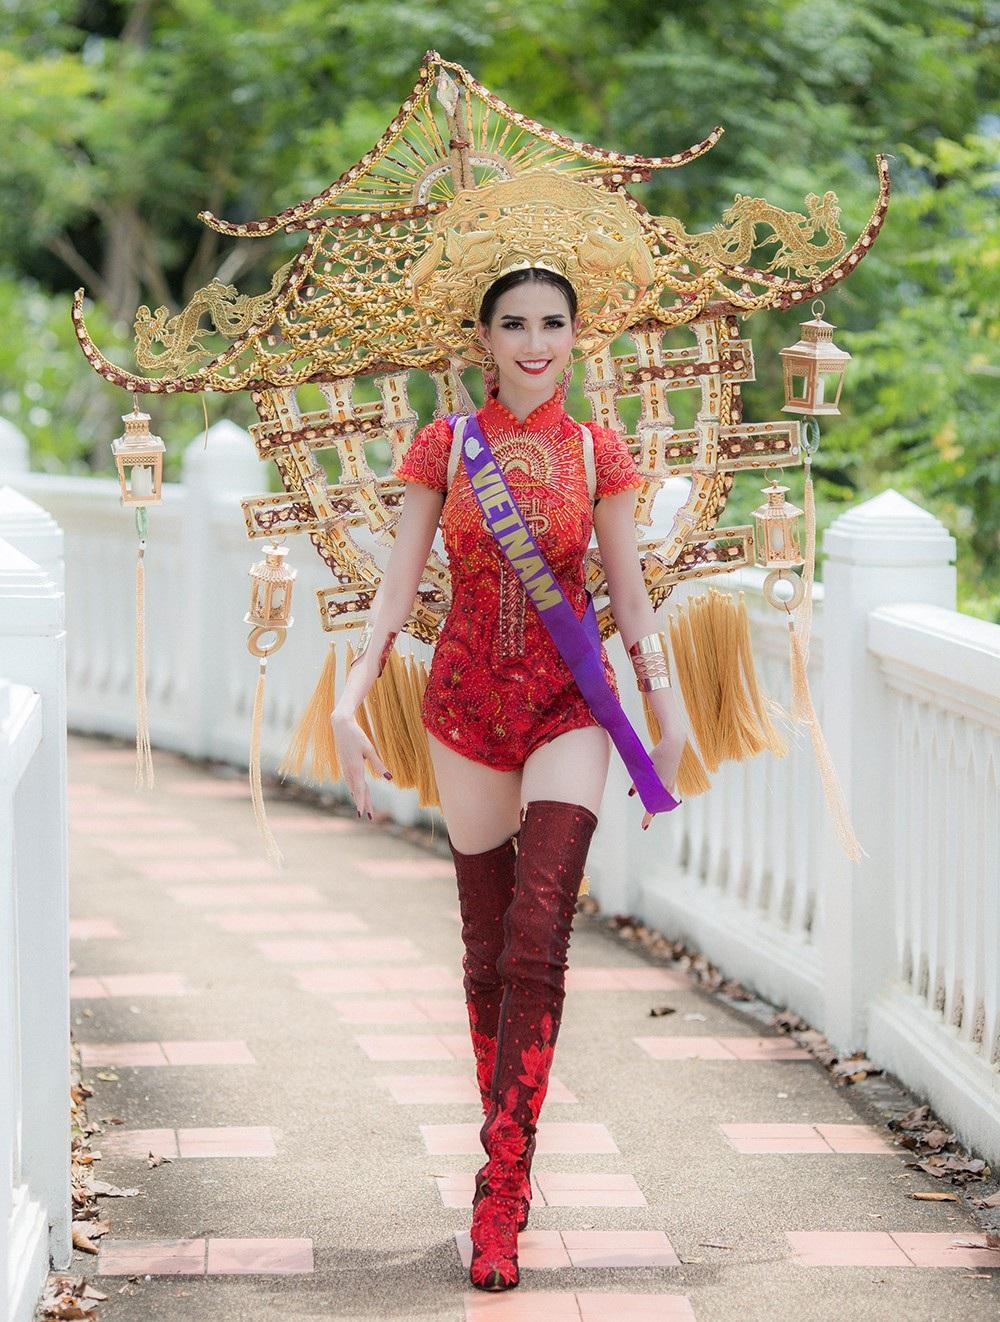 Bộ trang phục khá nặng gây khó khăn cho Phan Thị Mơ trong lúc di chuyển, tuy nhiên trong lúc trình diễn cô vẫn luôn tươi cười và cố gắng thể hiện tốt nhất có thể.